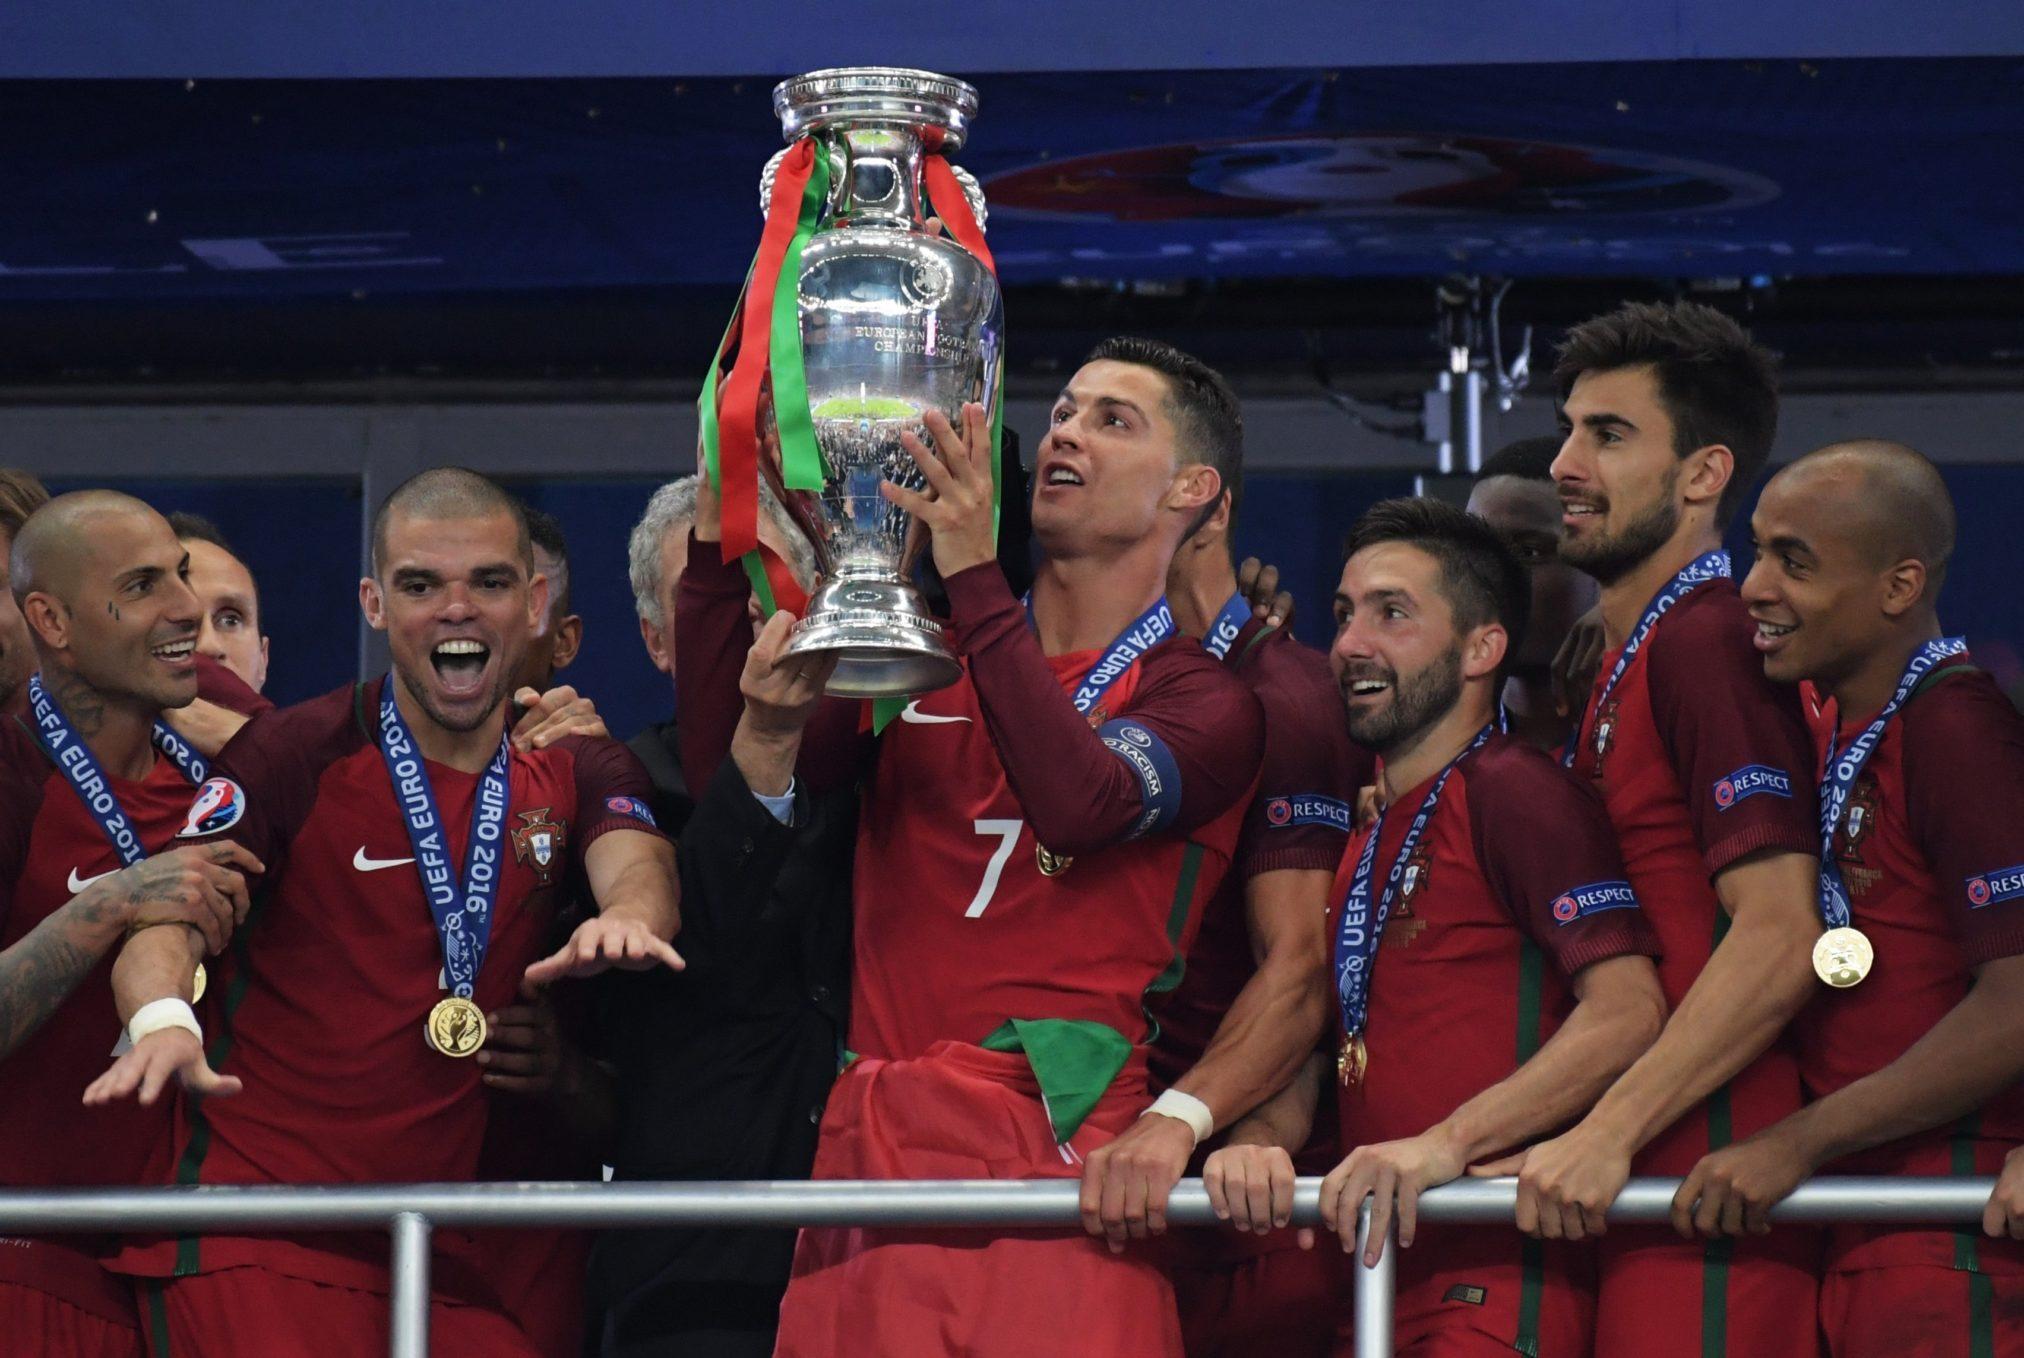 Необычный скандал произошел на Чемпионате Португалии